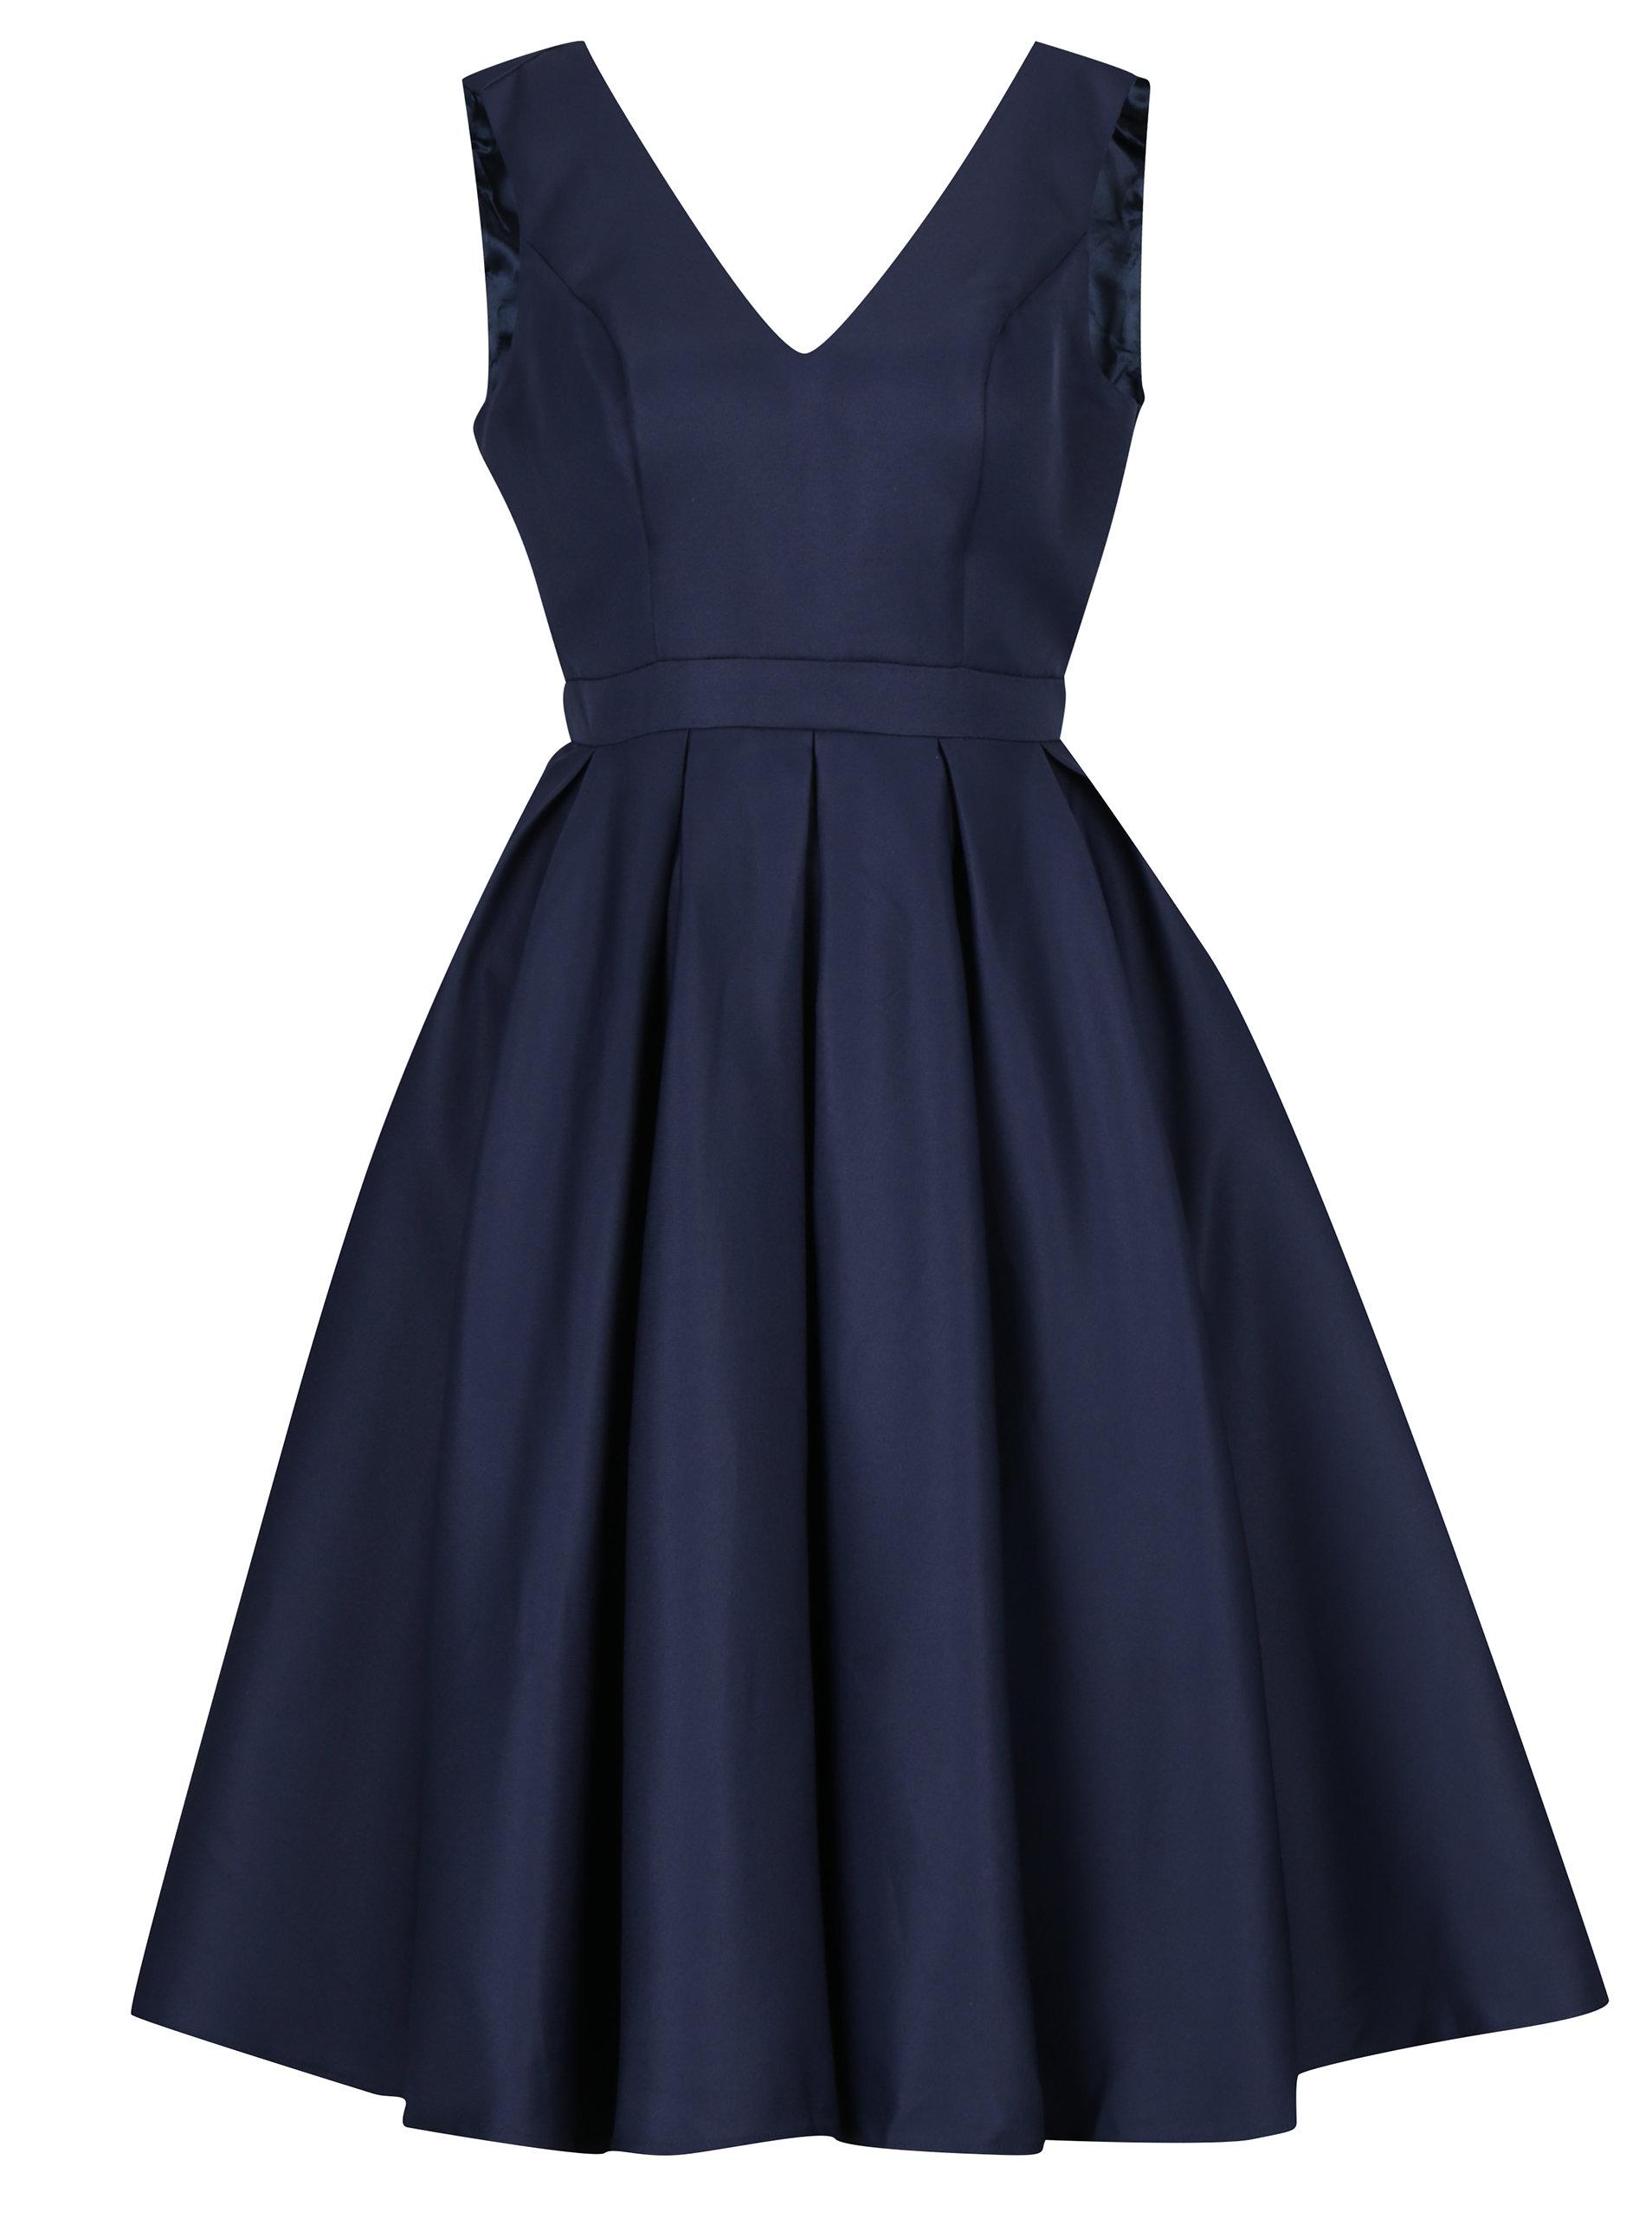 1beca95a92 Tmavomodré šaty s výstrihom na chrbte Chi Chi London Zara ...